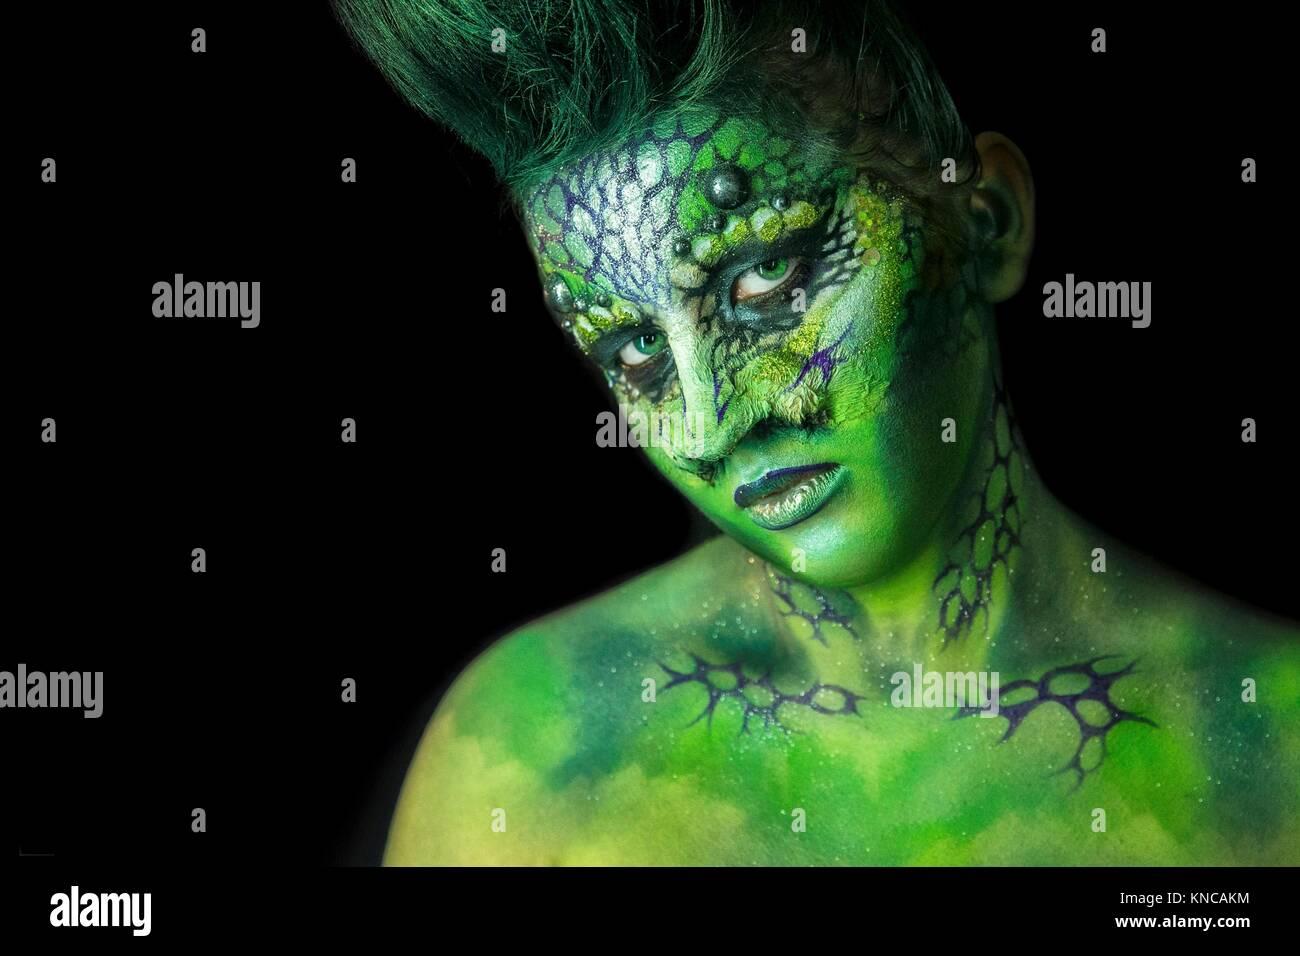 alien movie monster stock photos amp alien movie monster